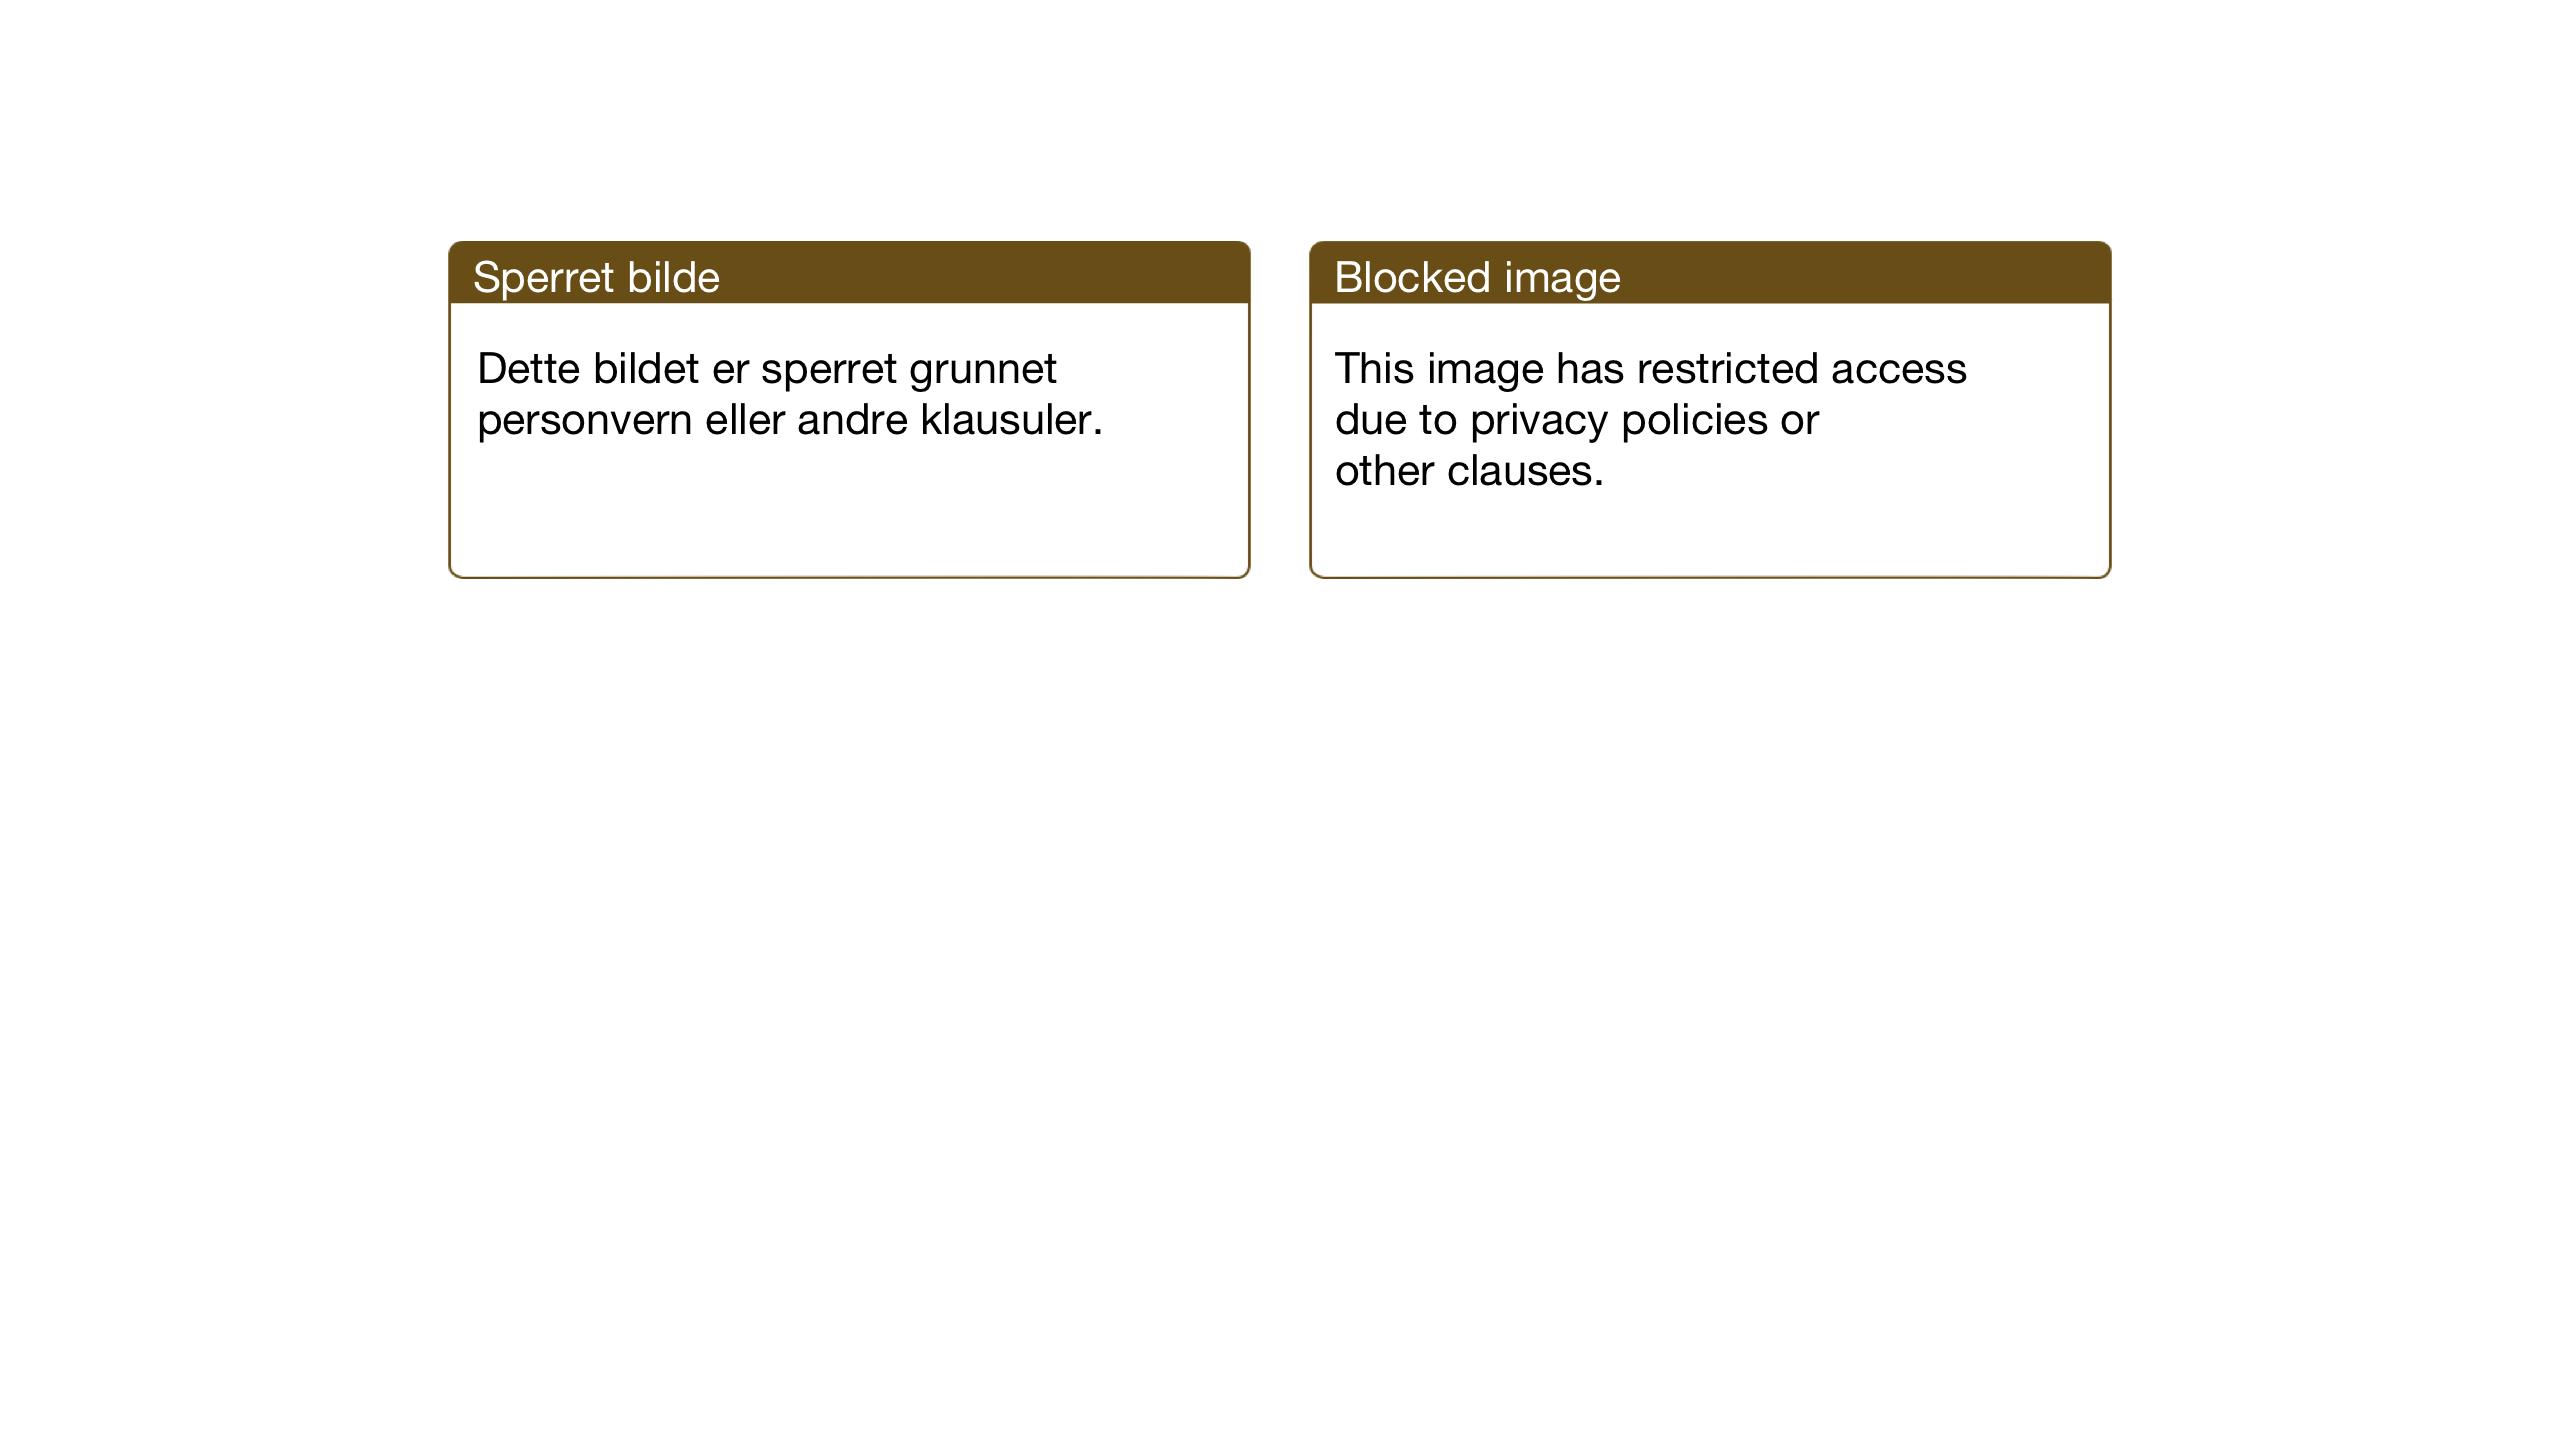 SAT, Ministerialprotokoller, klokkerbøker og fødselsregistre - Sør-Trøndelag, 607/L0327: Klokkerbok nr. 607C01, 1930-1939, s. 16